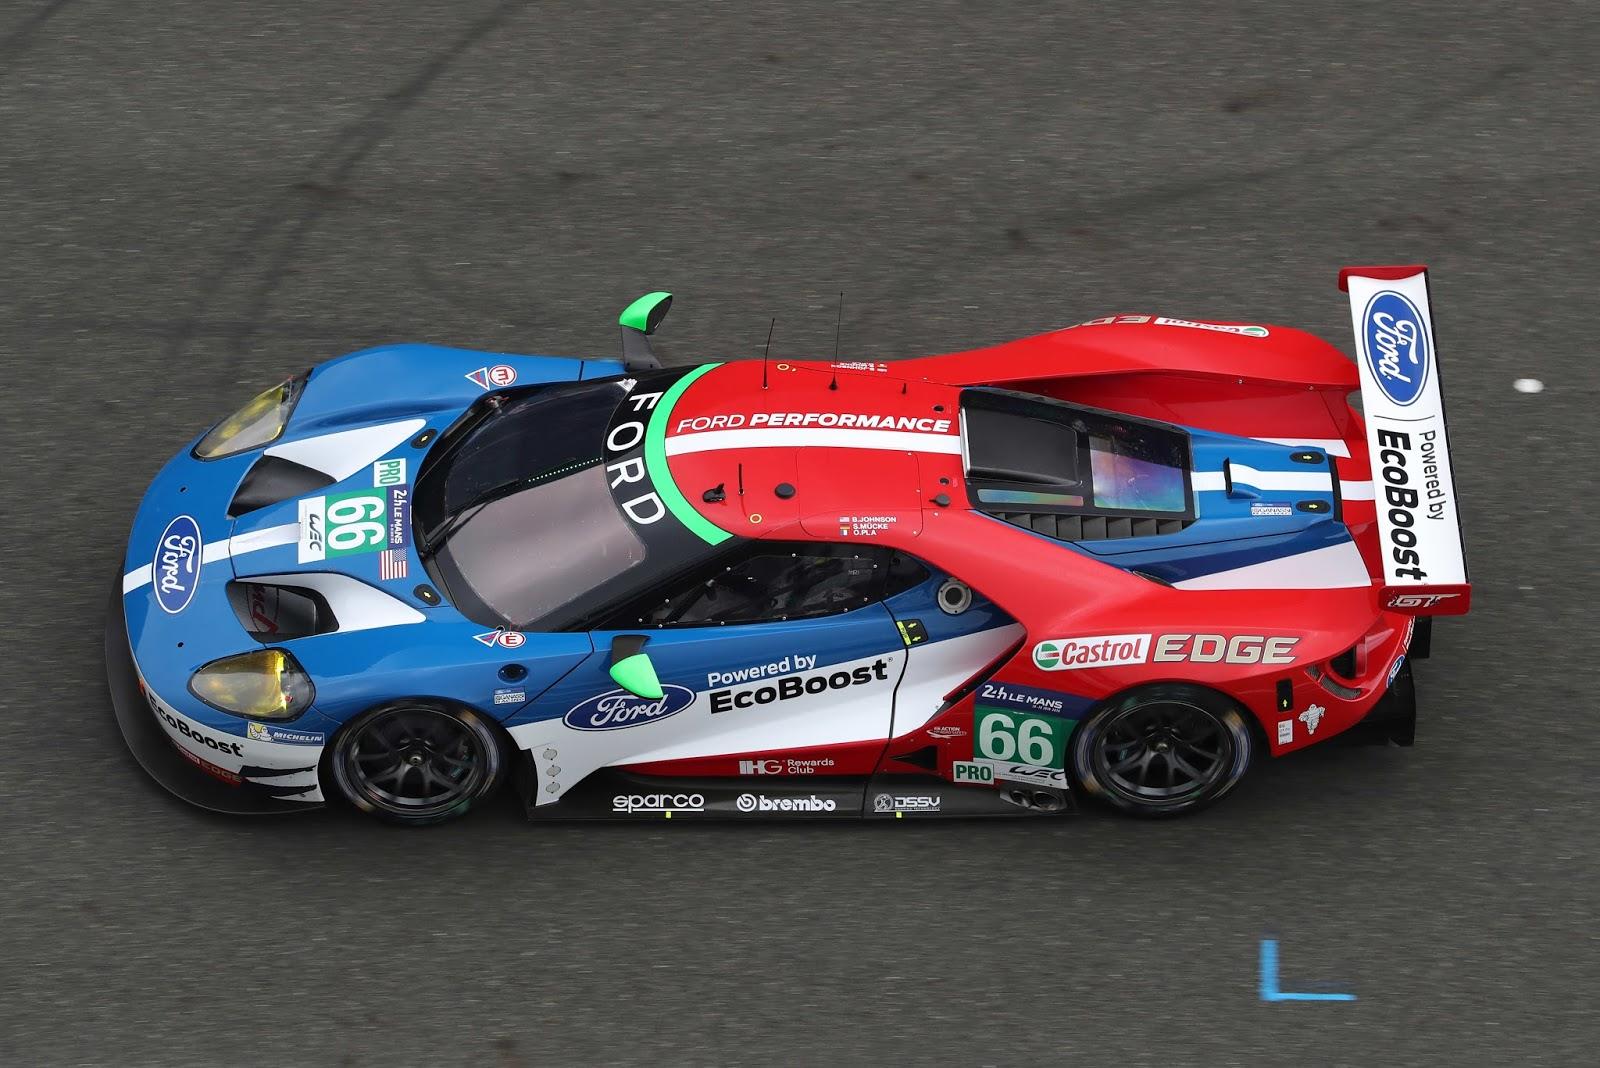 Η Ford με το GT θα τρέξει στον εξάωρο αγώνα αντοχής του Nürburgring την Κυριακή FIA, Ford, Ford GT, LE MANS, Nurburgring, Rally